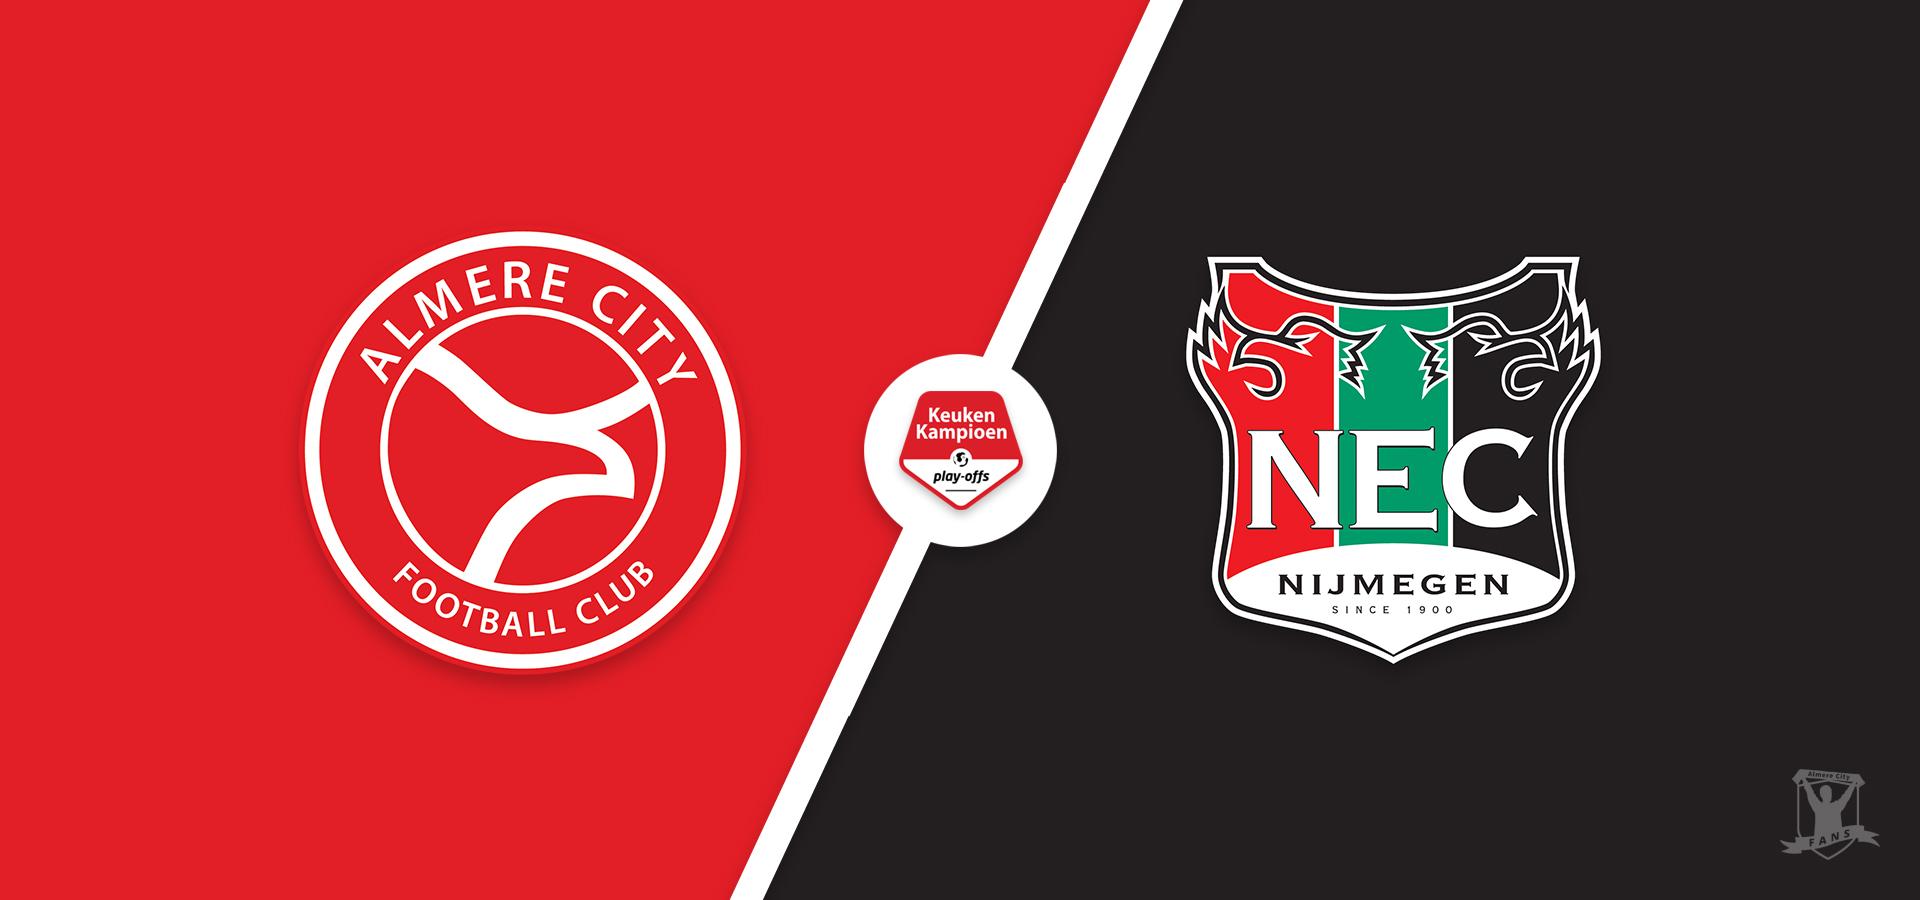 Voorbeschouwing: NEC Nijmegen eerste horde in de playoffs om promotie/degradatie